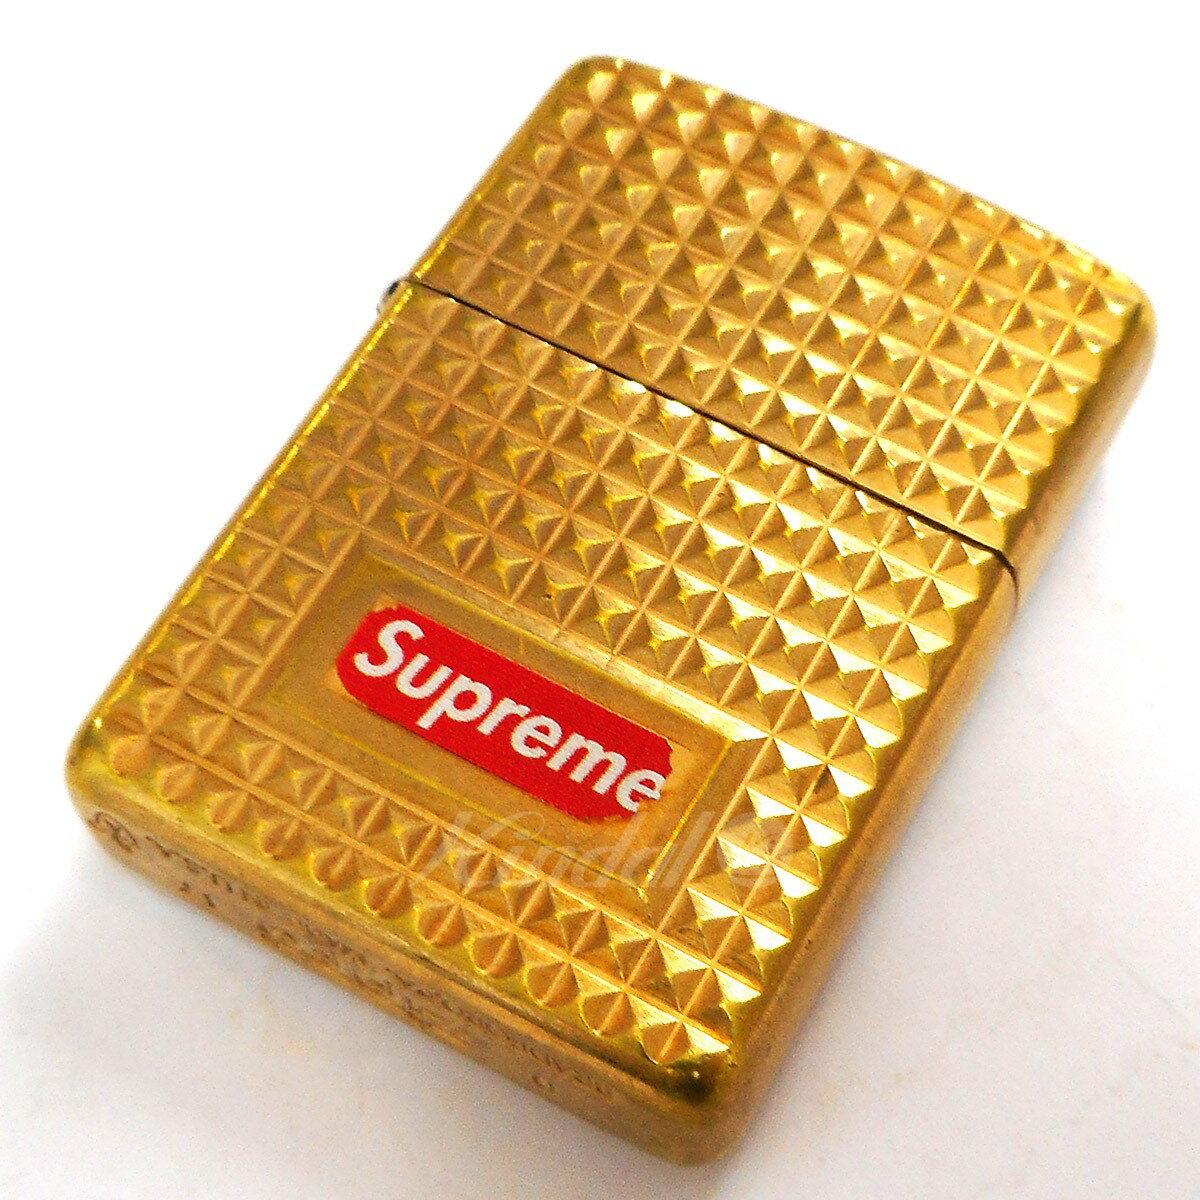 【中古】SUPREME 17AW Diamond Cut Zippo ダイヤモンドカットジッポ ゴールド 【091218】(シュプリーム)